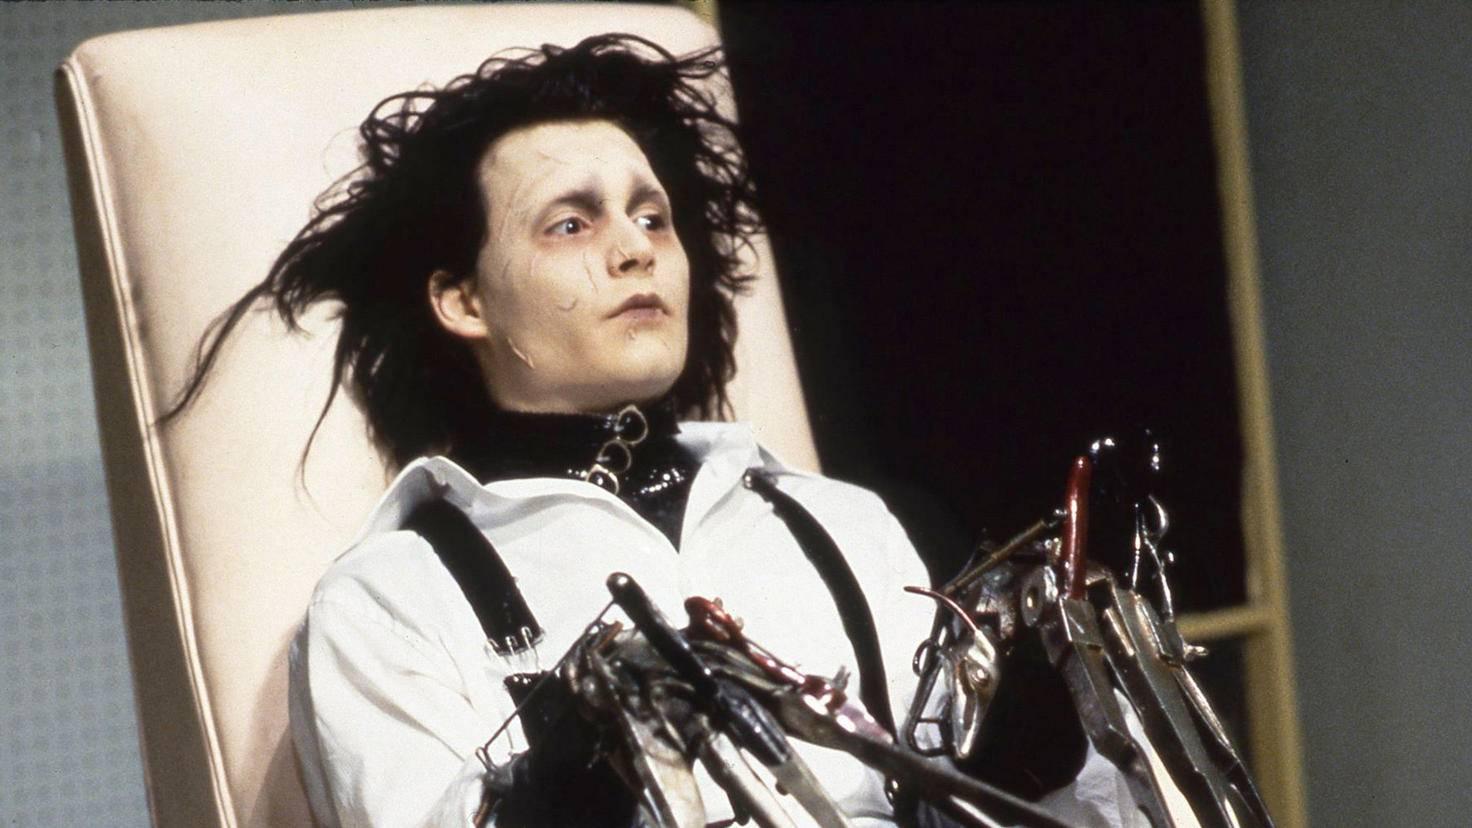 Als unvollendeter künstlicher Mensch muss Edward stumm bleiben.